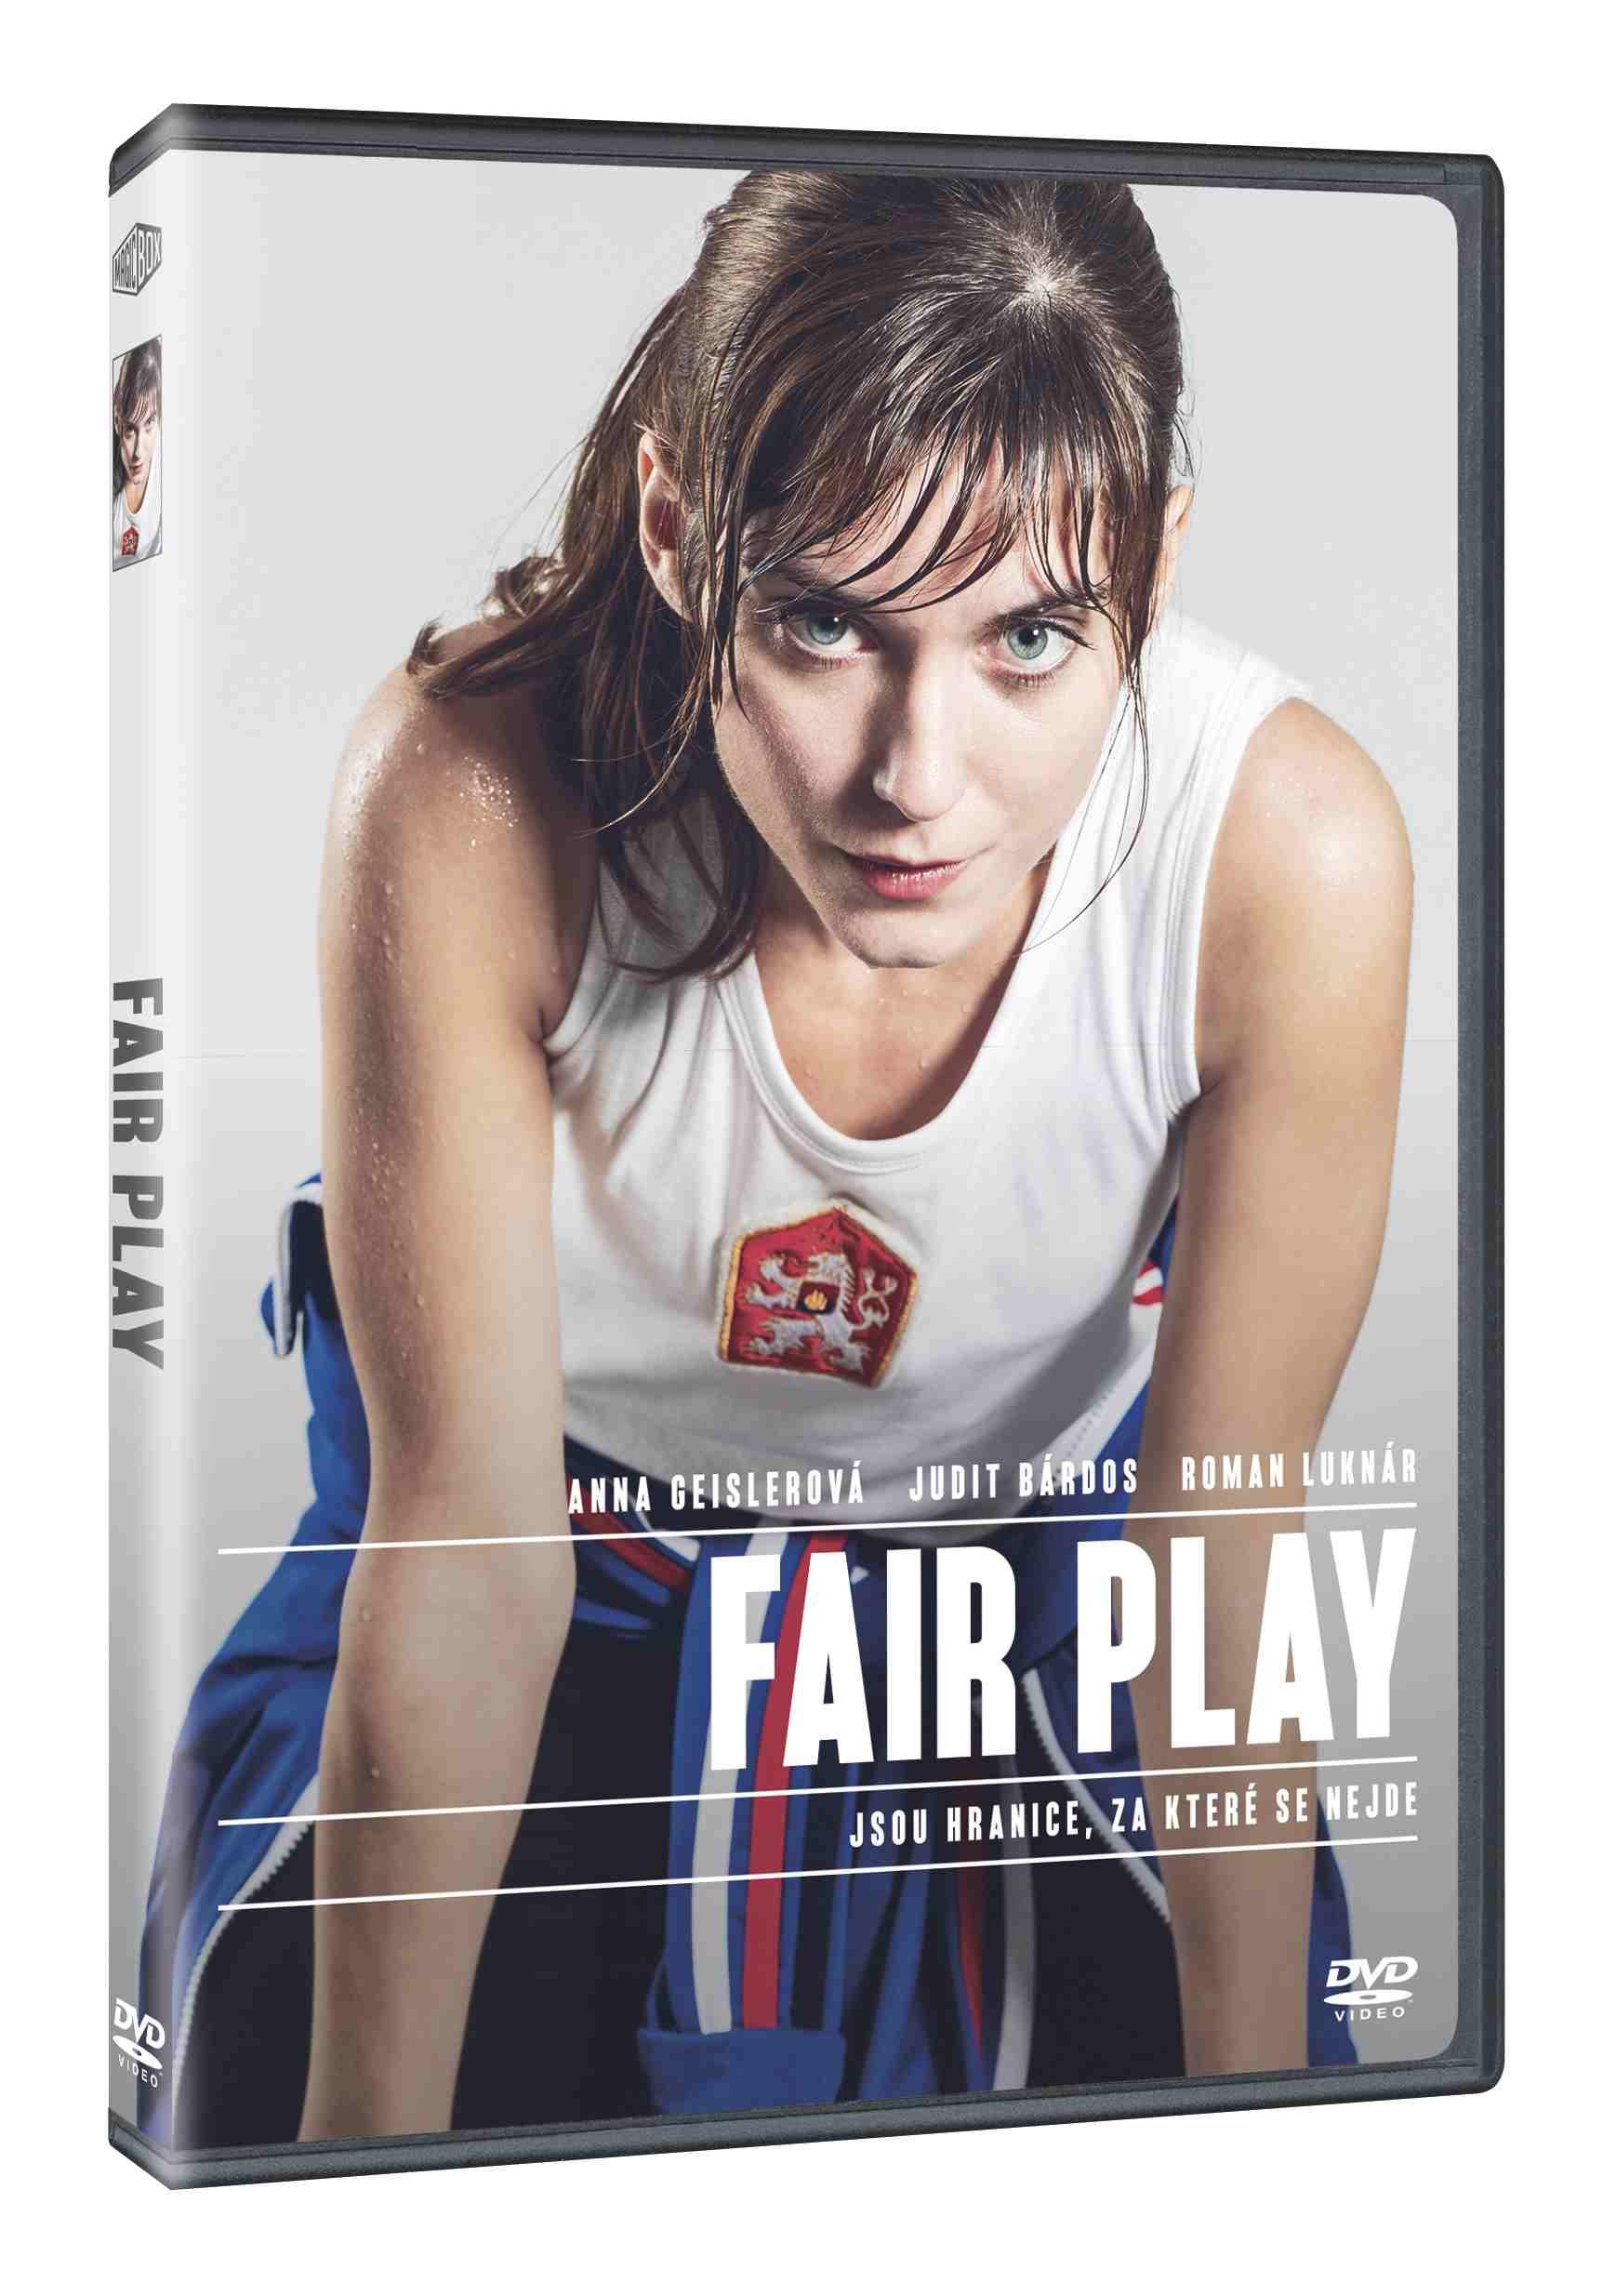 FAIR PLAY - DVD